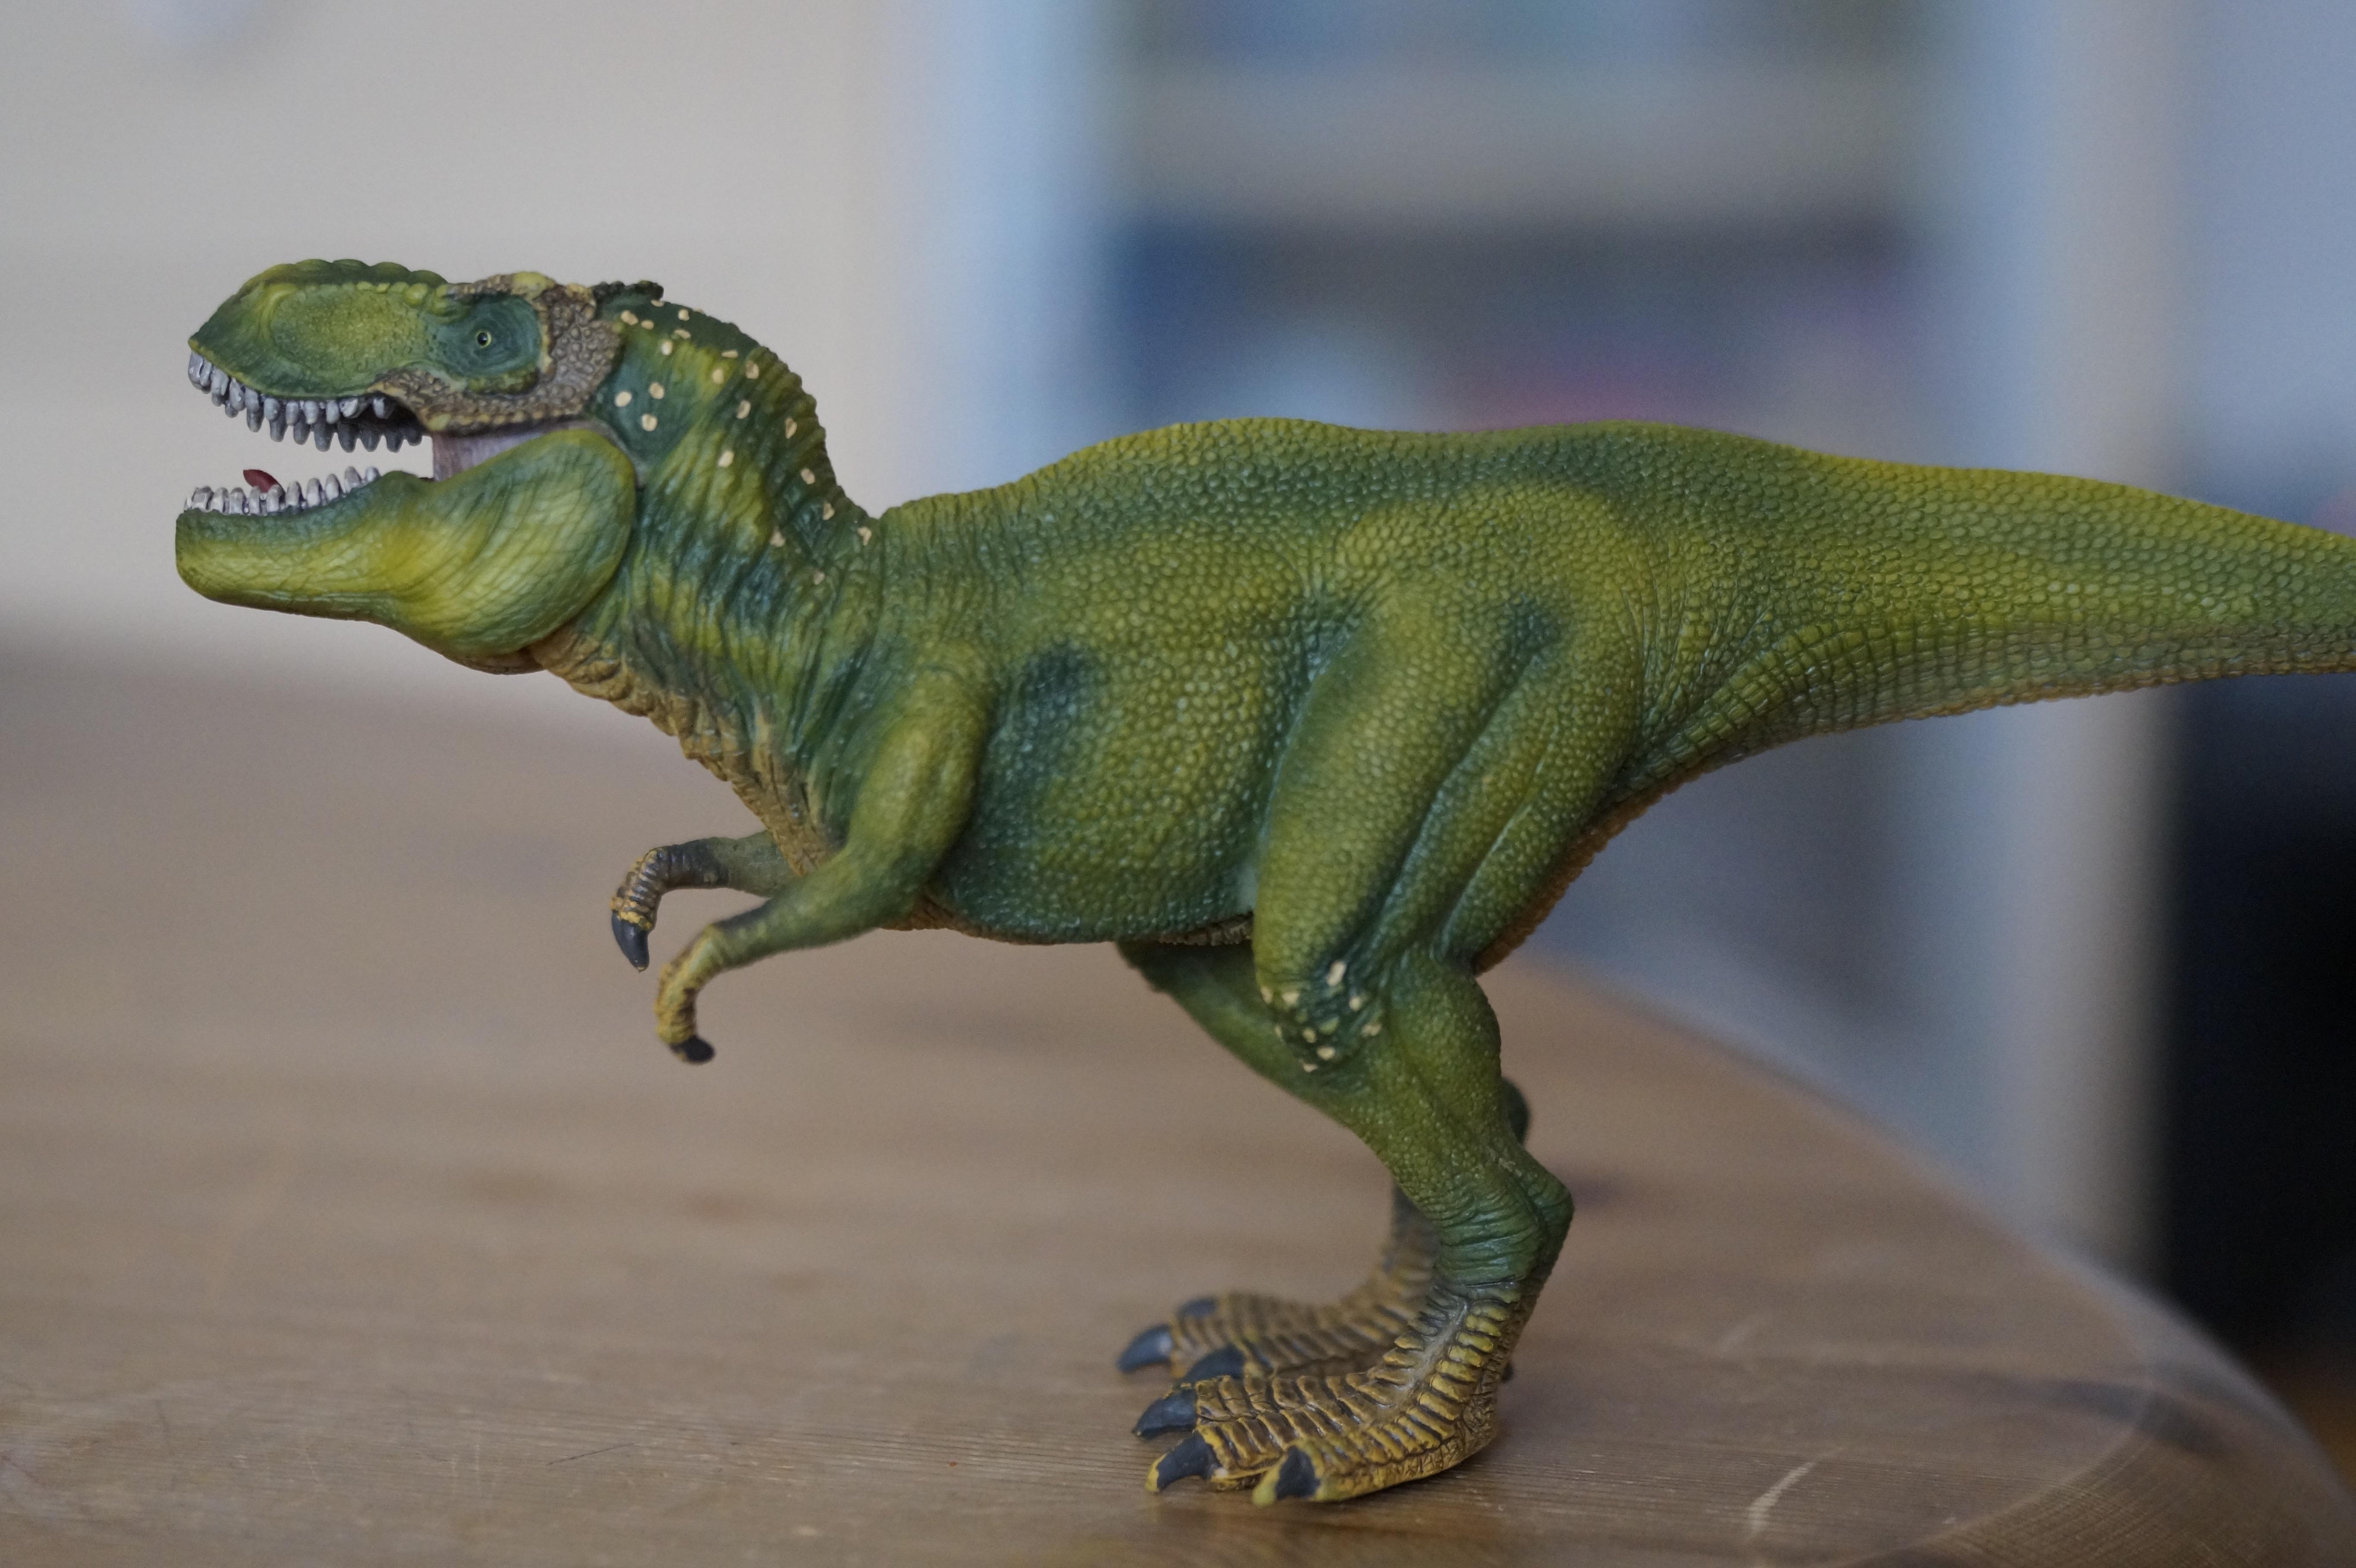 Dinosaurios Rex Verde De Juguete 3111019 Hd Wallpaper Backgrounds Download Tierra, hay setenta y cinco millones años. dinosaurios rex verde de juguete 3111019 hd wallpaper backgrounds download